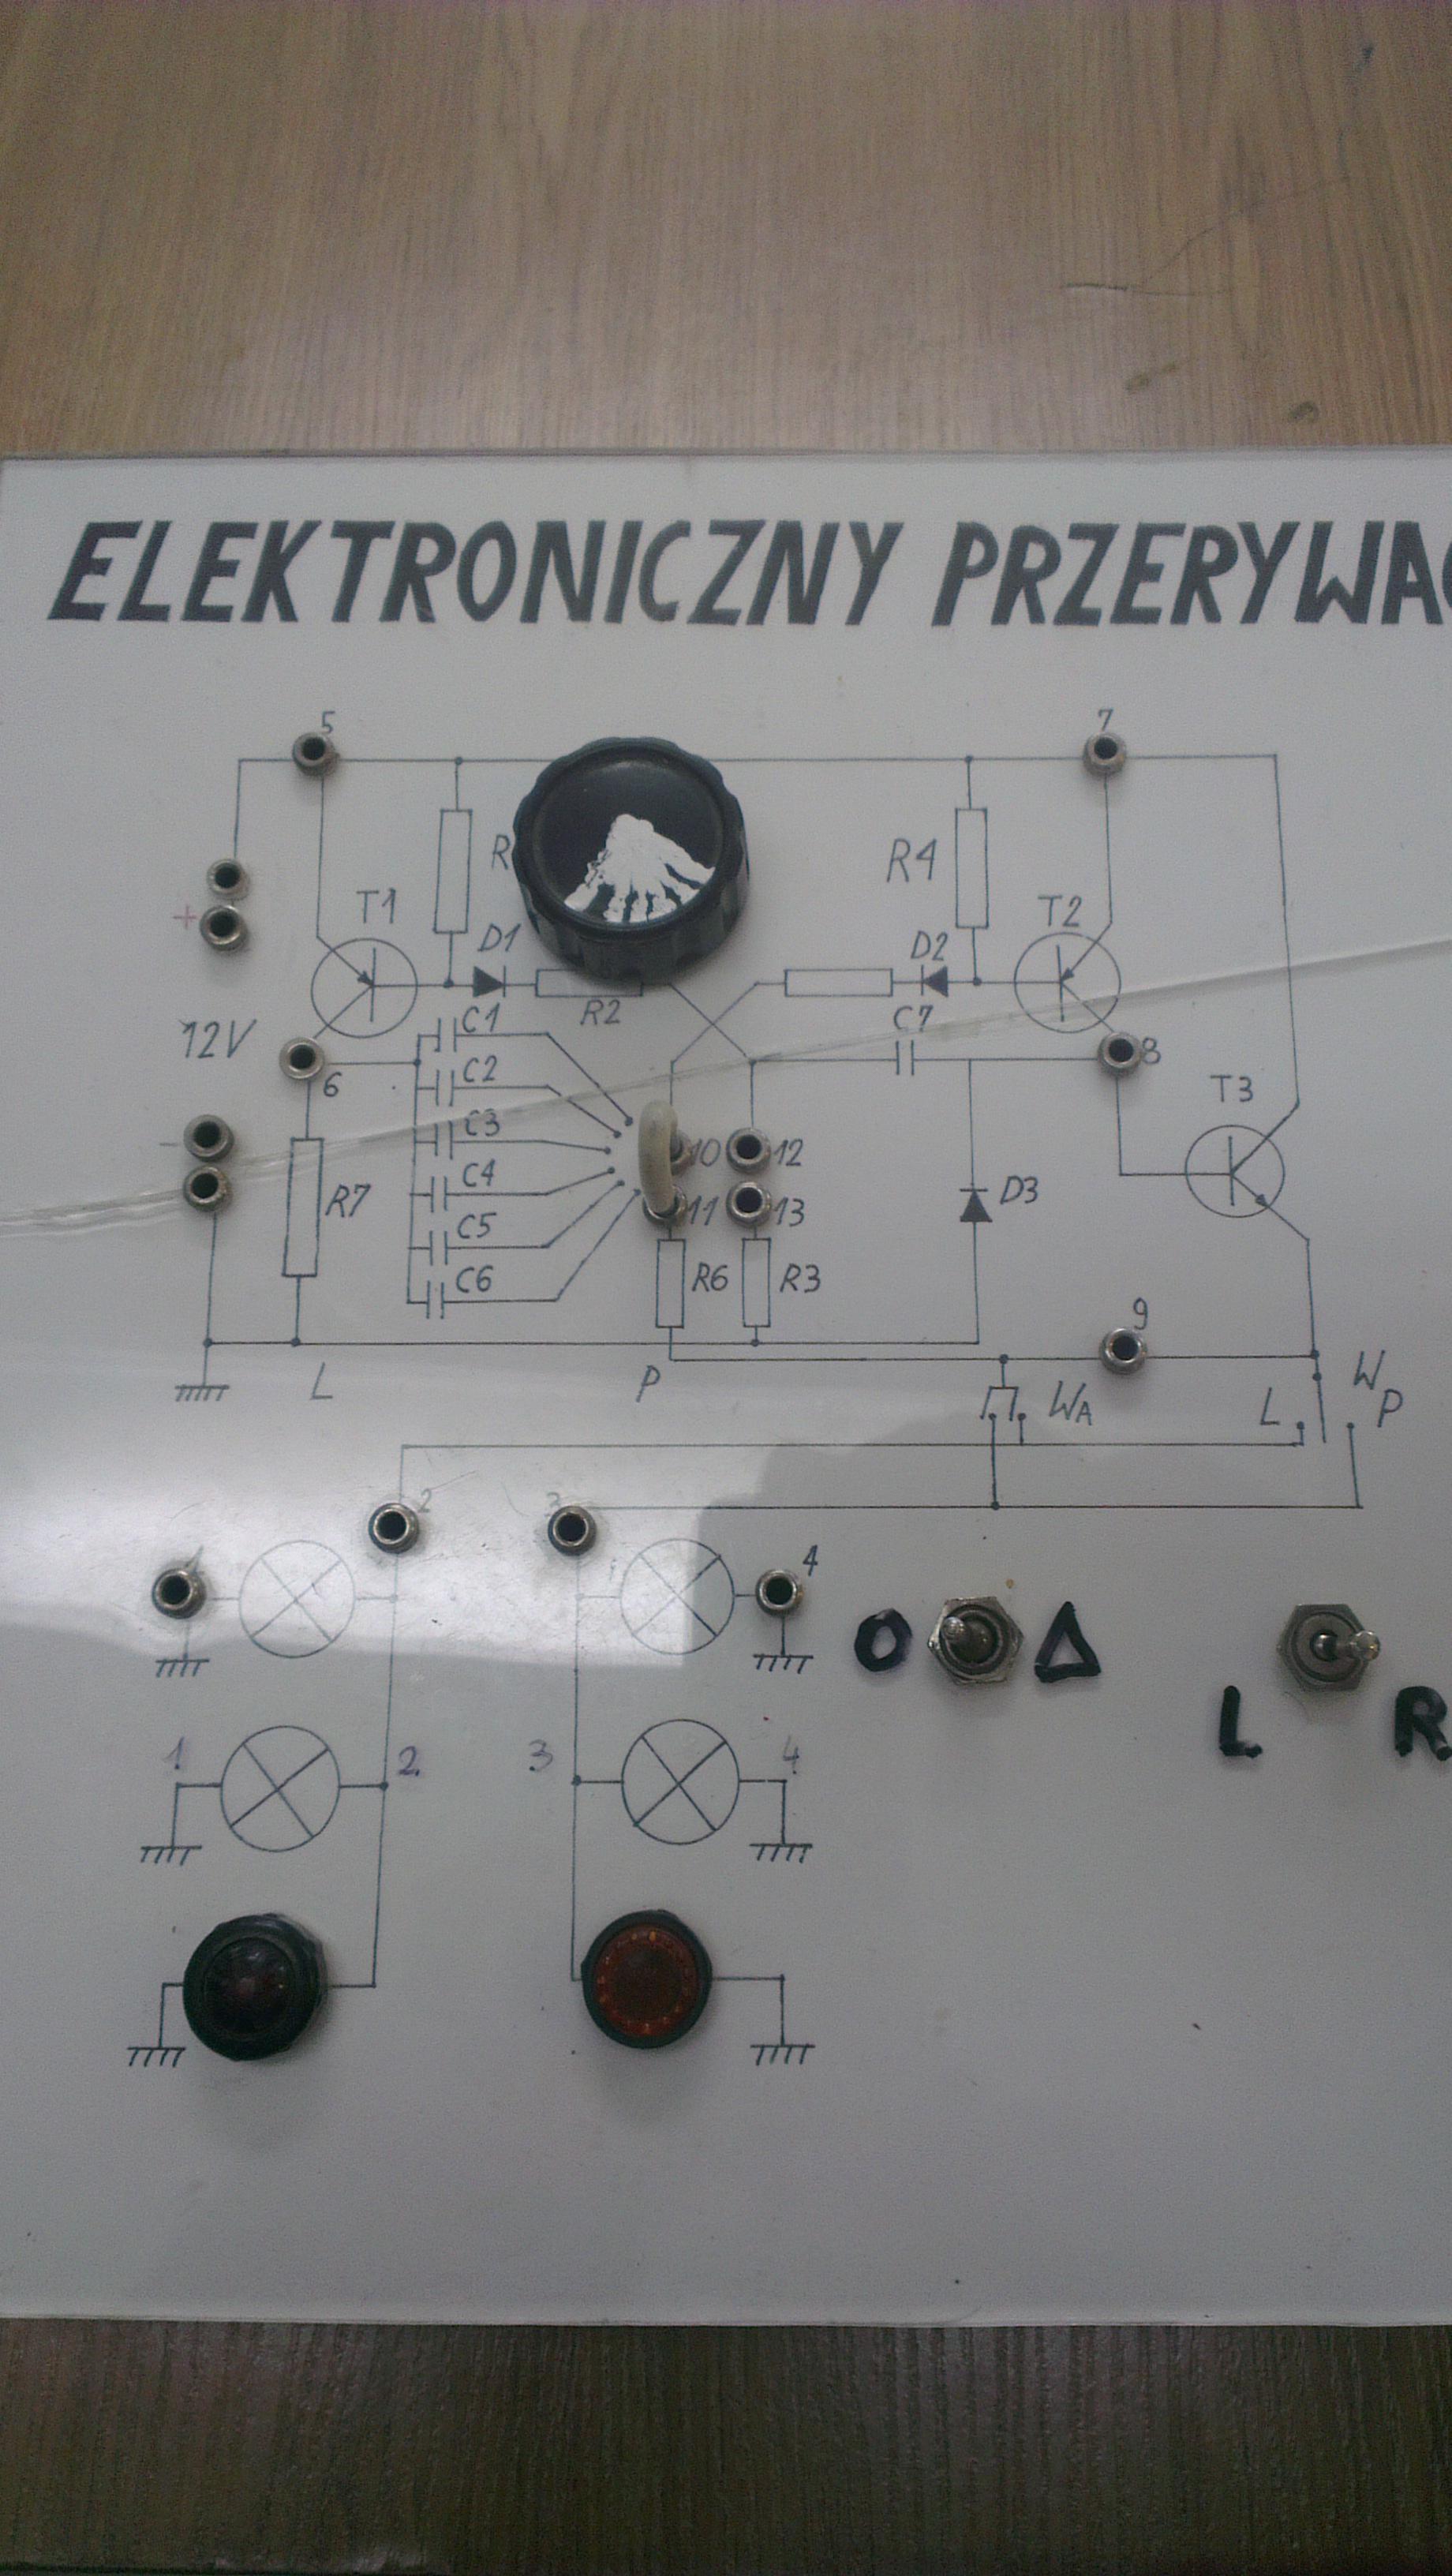 [Zlec�]Wykonanie makiet przemiennika sygna�u, przerywacza kierunkowskazu LUBLIN